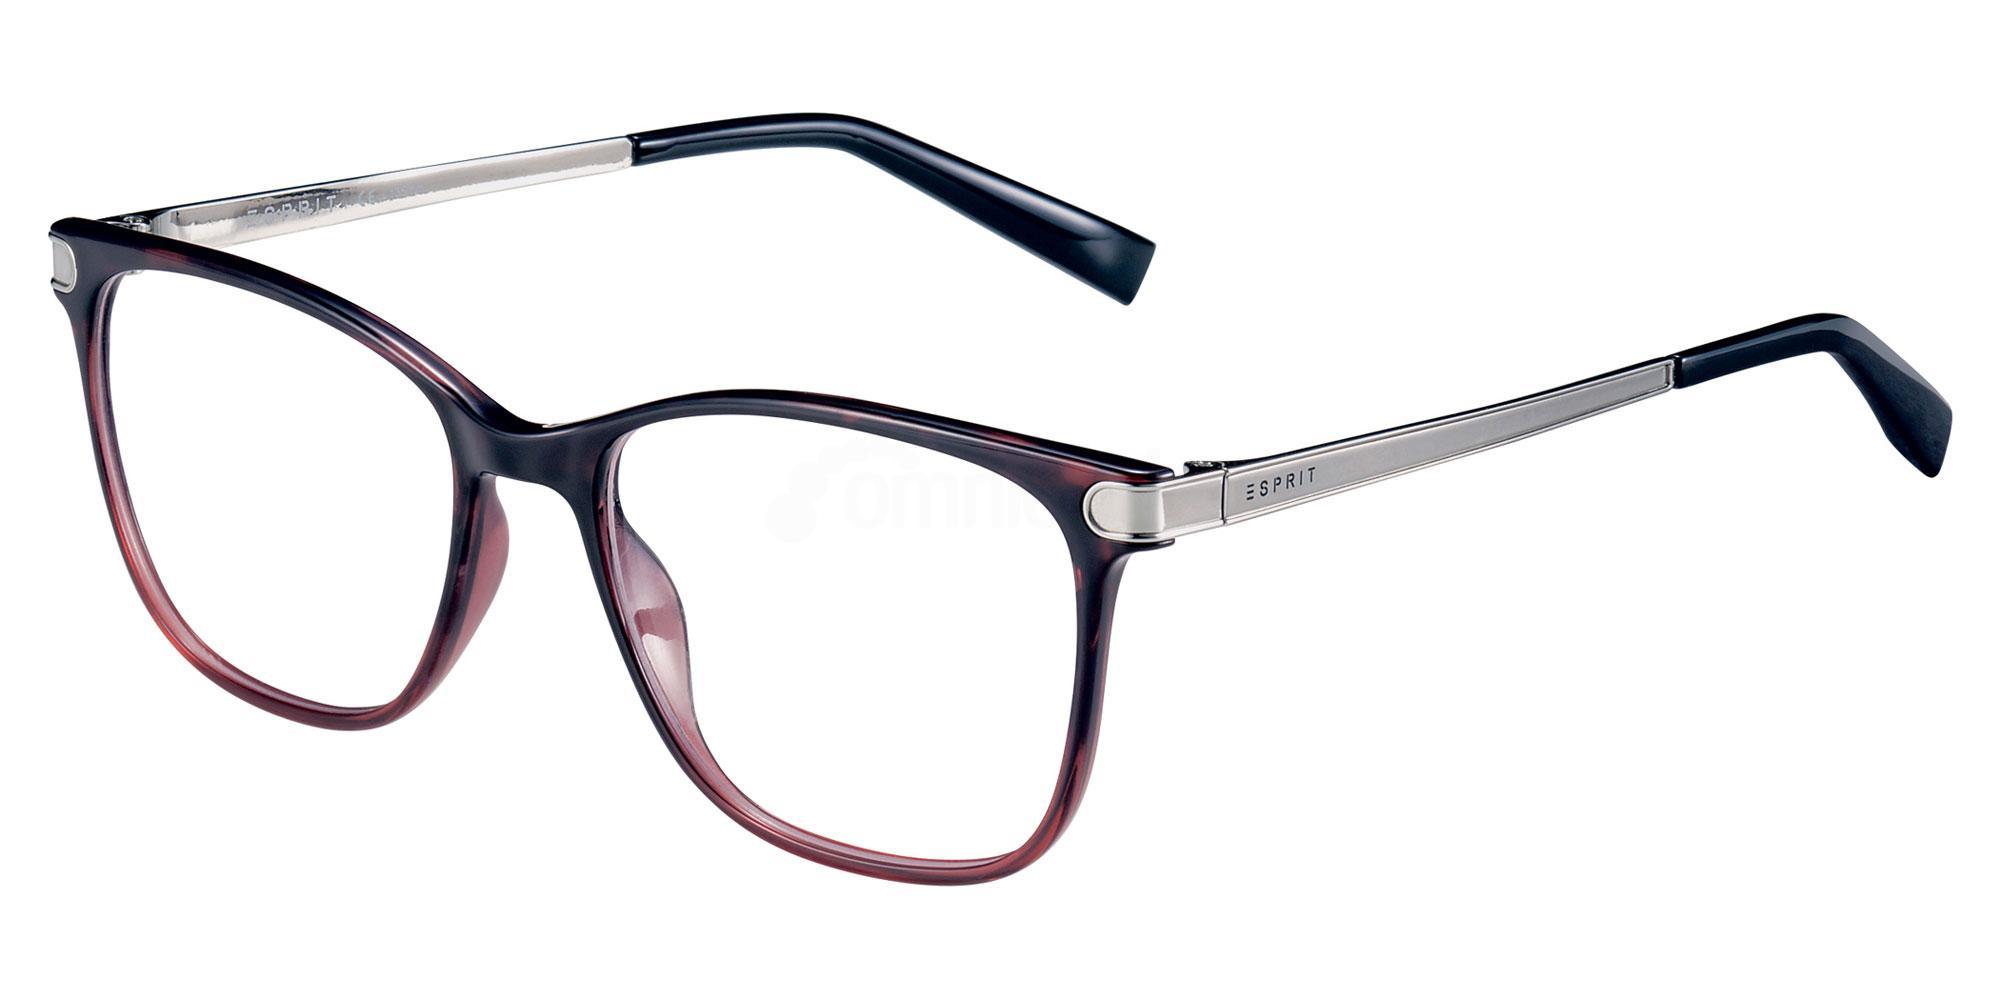 513 ET17548 Glasses, Esprit